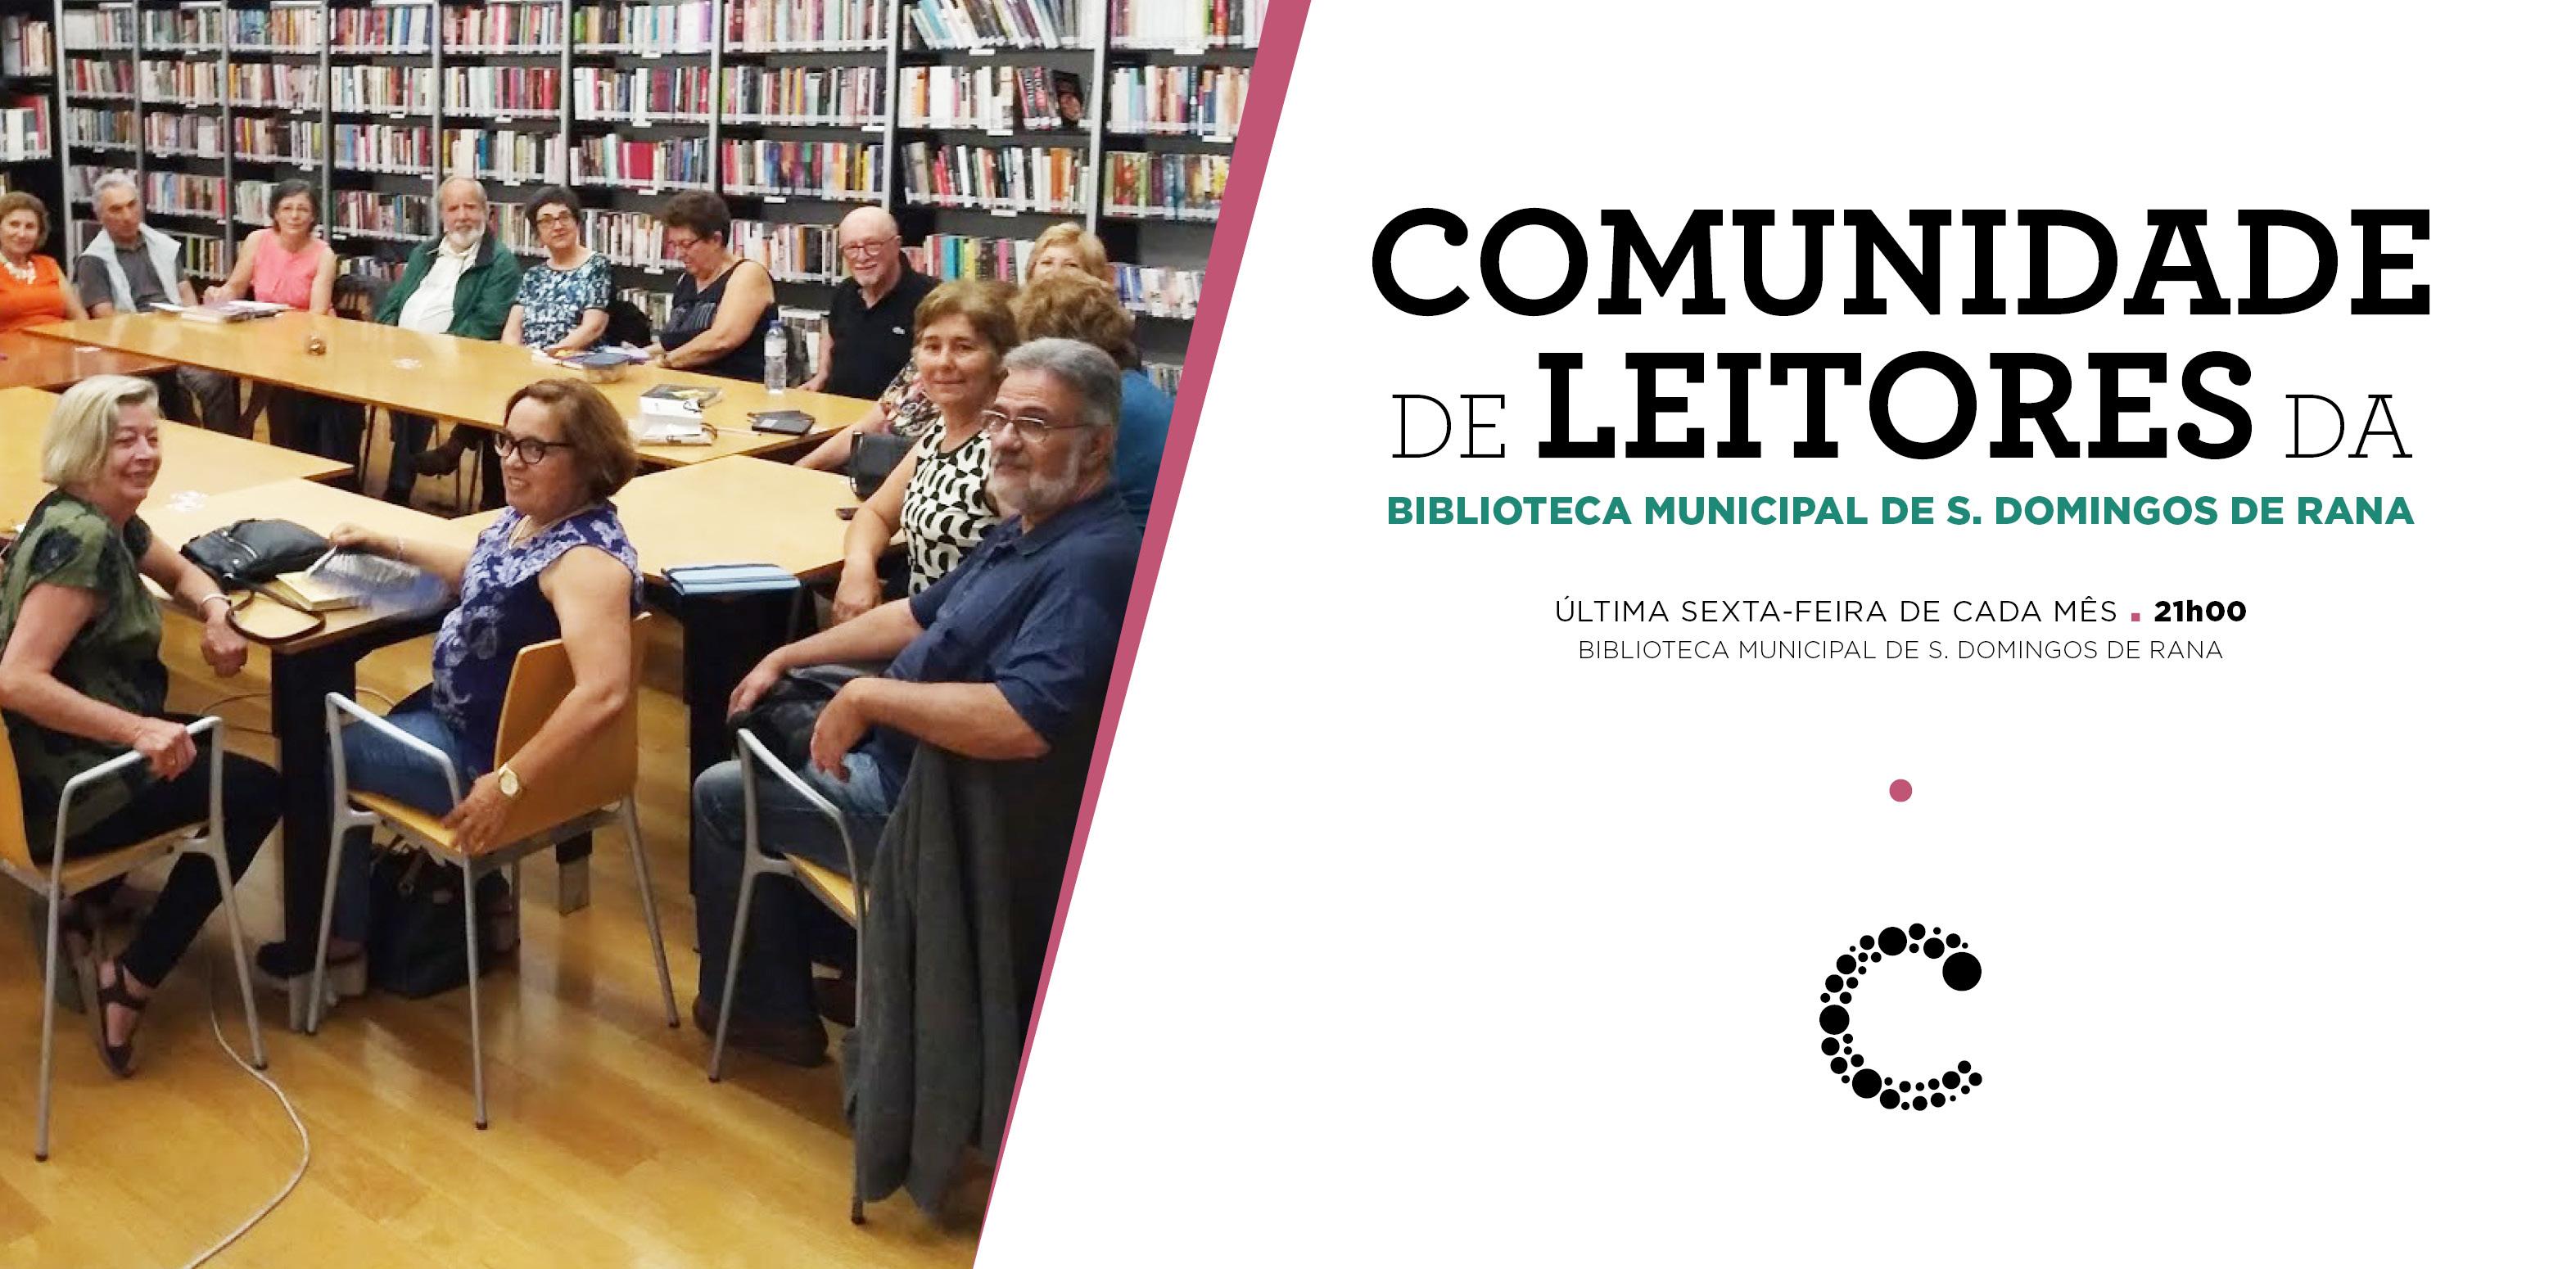 Com Olhos de Ler - Comunidade de Leitores